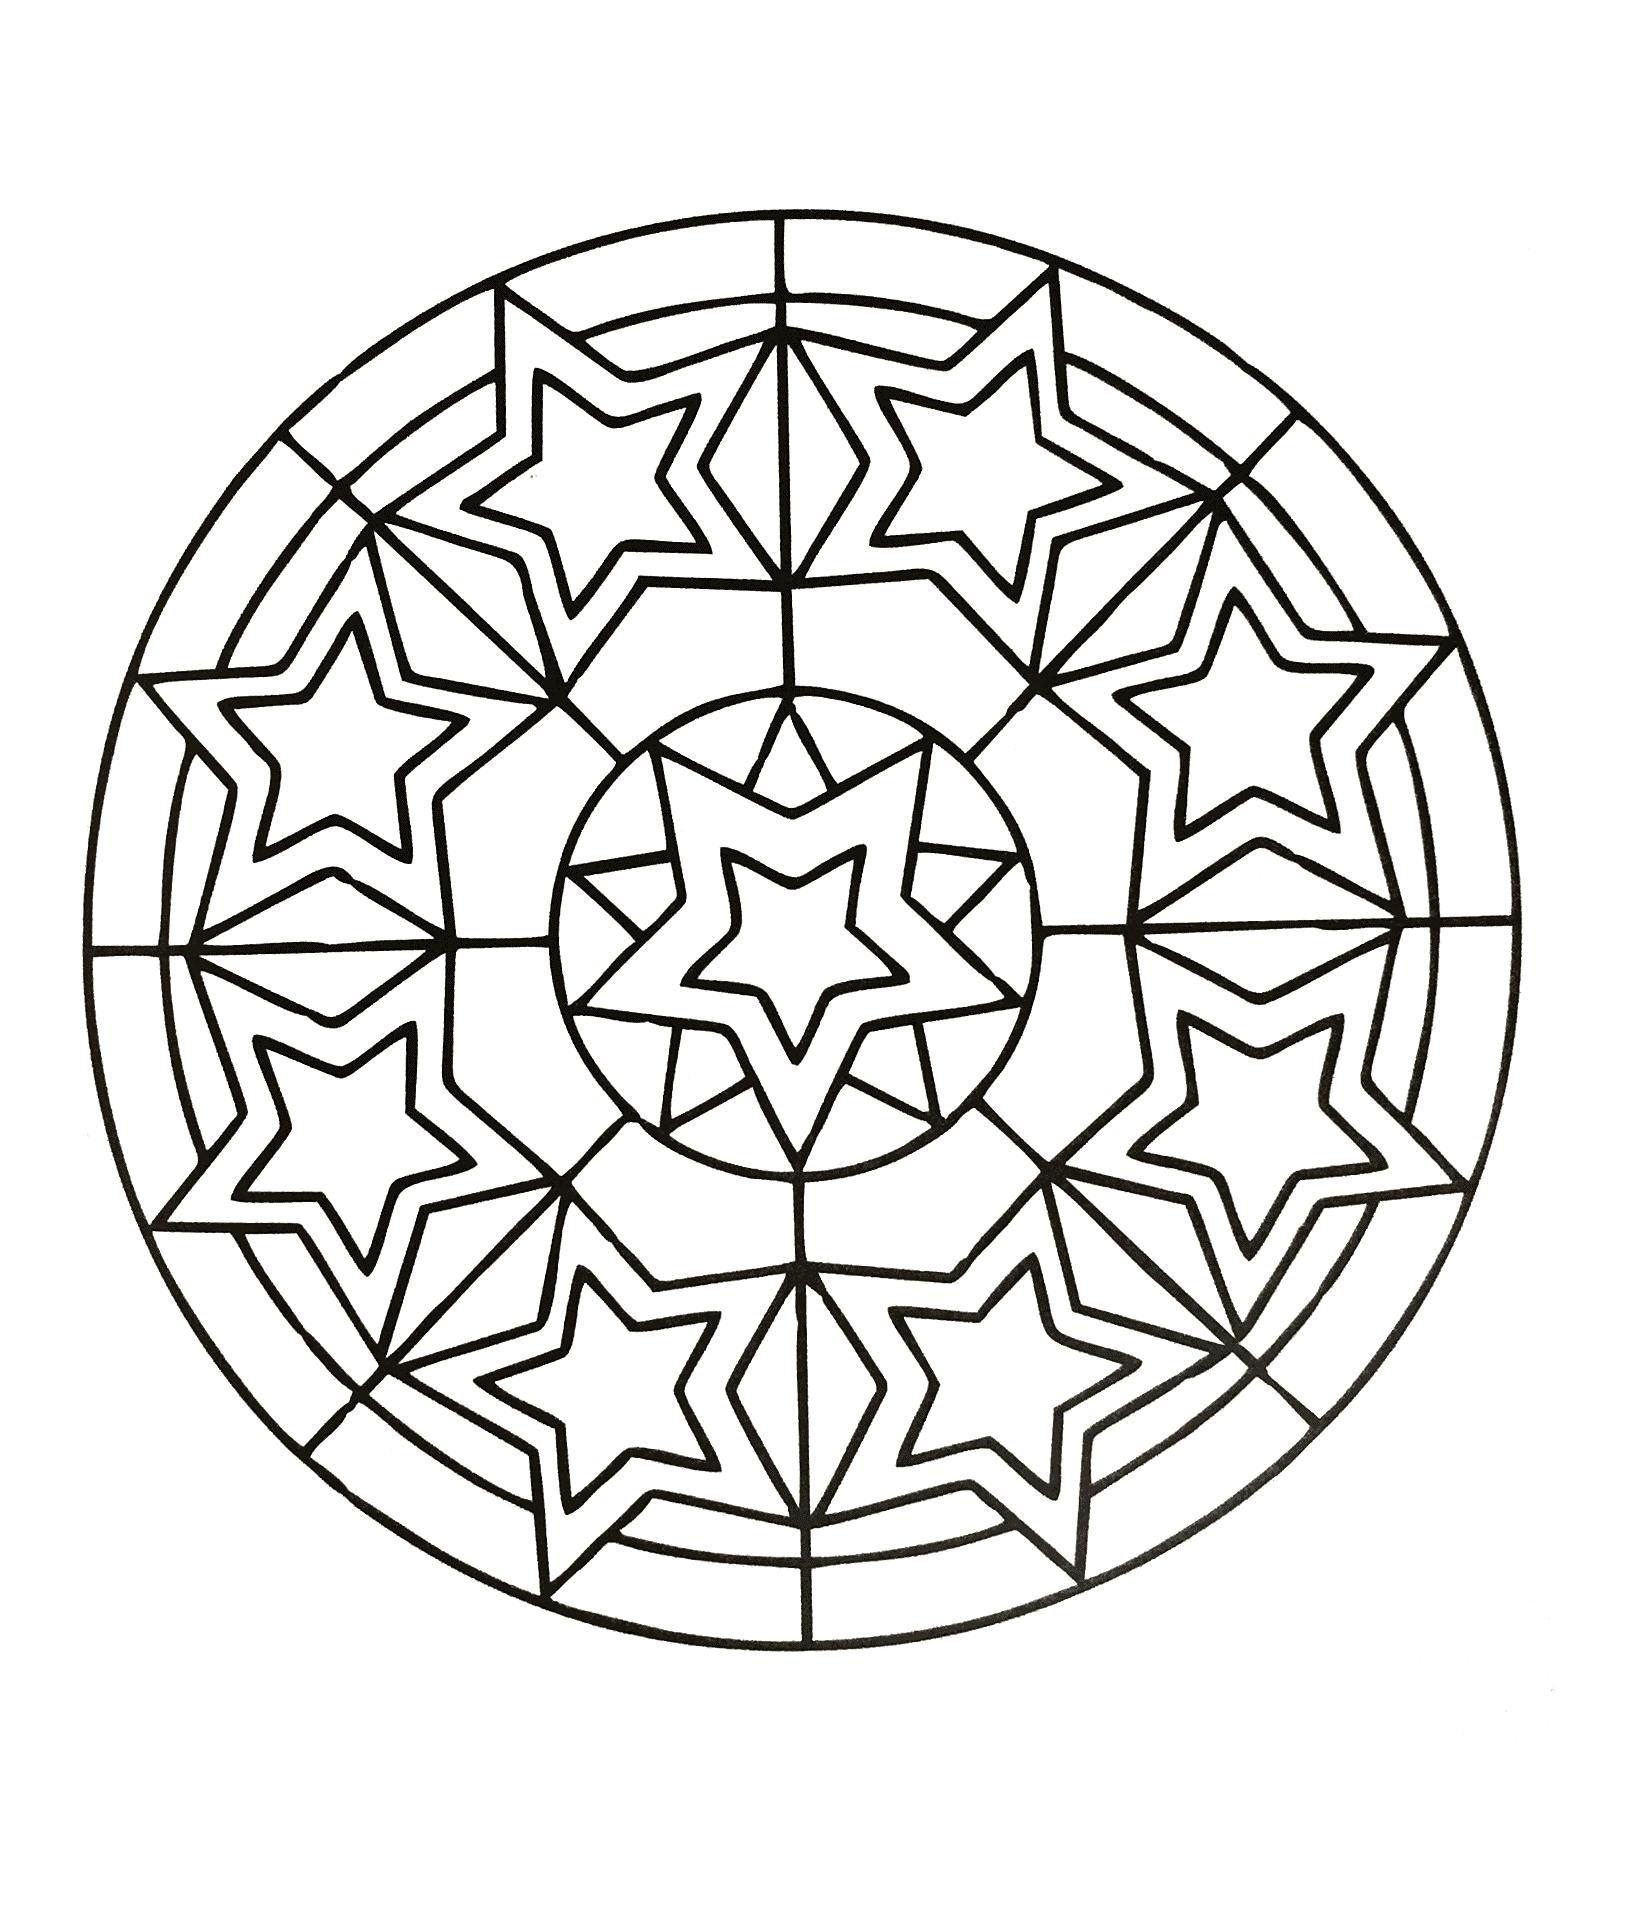 Pour Imprimer Ce Coloriage Gratuit «Mandalas-A-Imprimer-52 tout Rosace A Imprimer